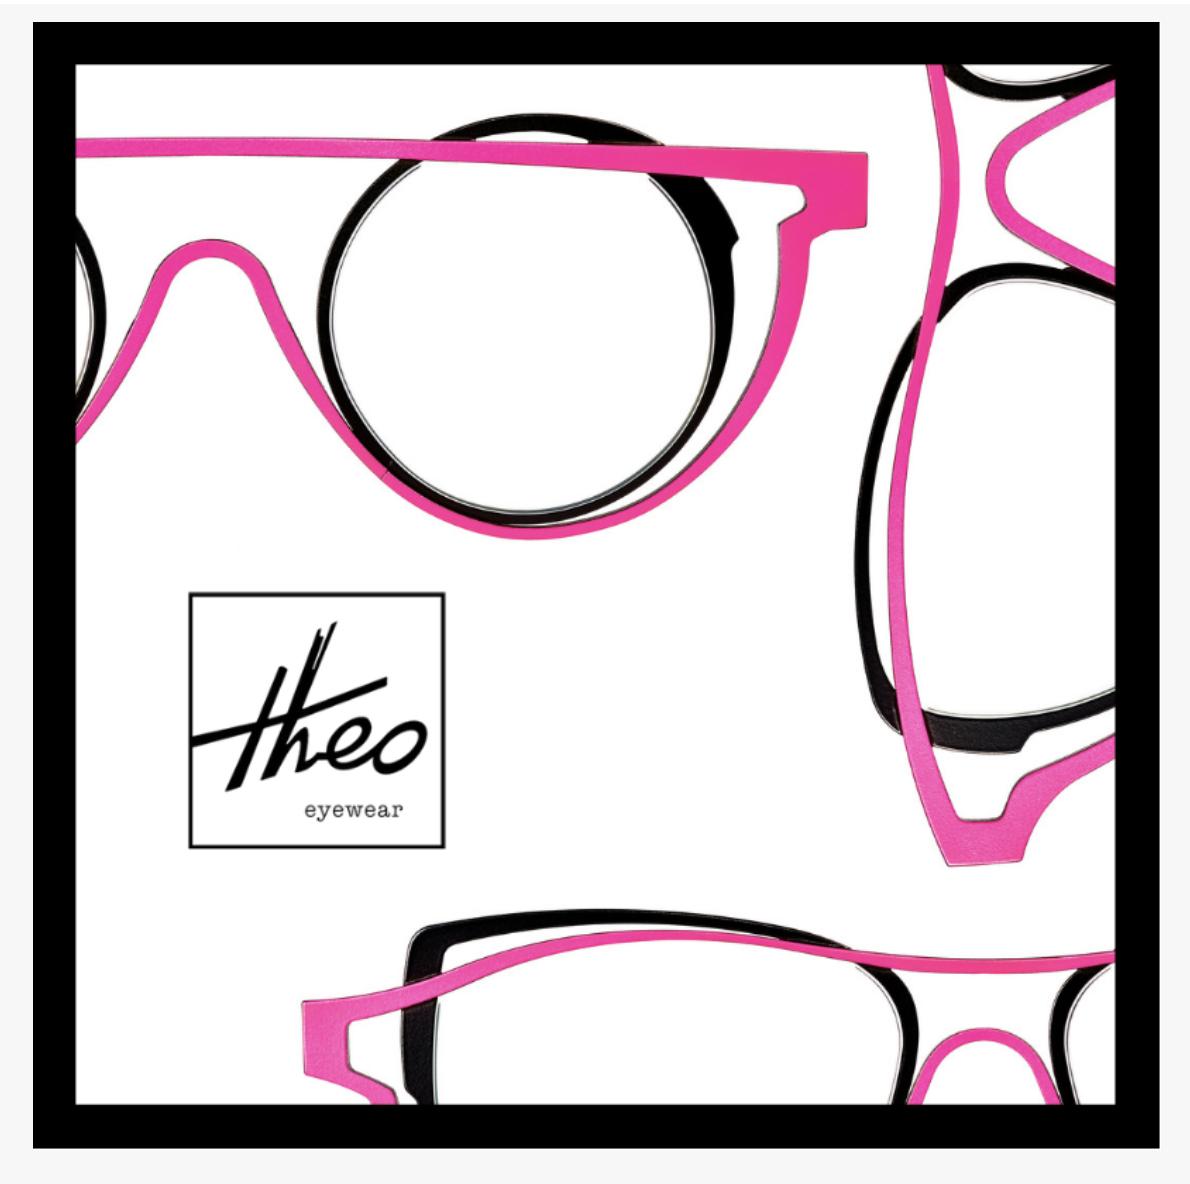 Theo-eyewear.png